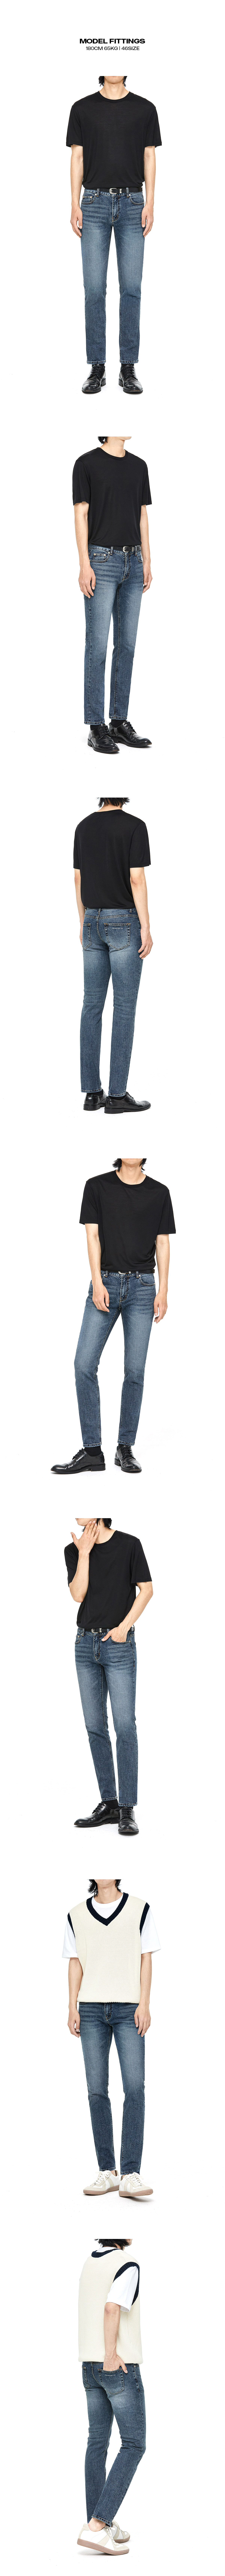 페이탈리즘(FATALISM) #0085 greysh blue crop jeans